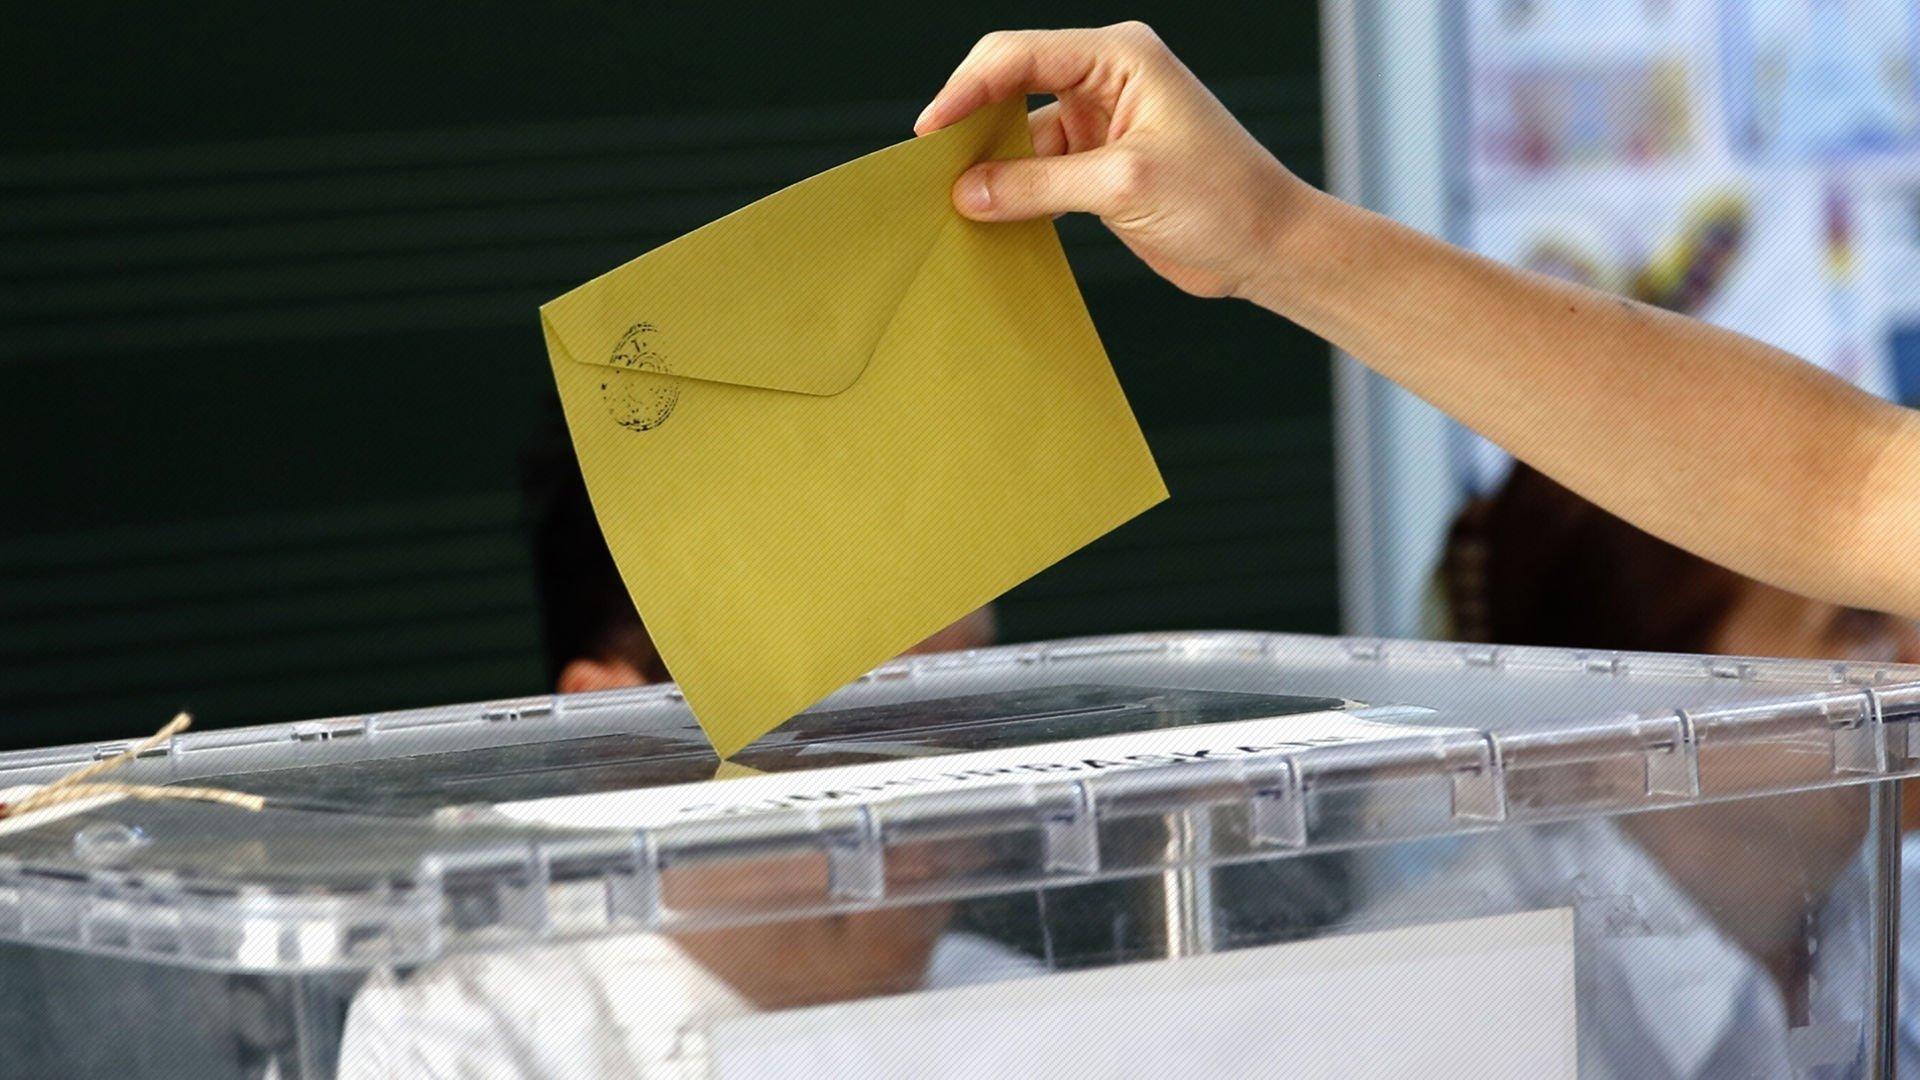 MetroPOLL'un seçim anketinde çarpıcı sonuçlar! Genç nüfus tercihini yaptı, zirve değişmedi